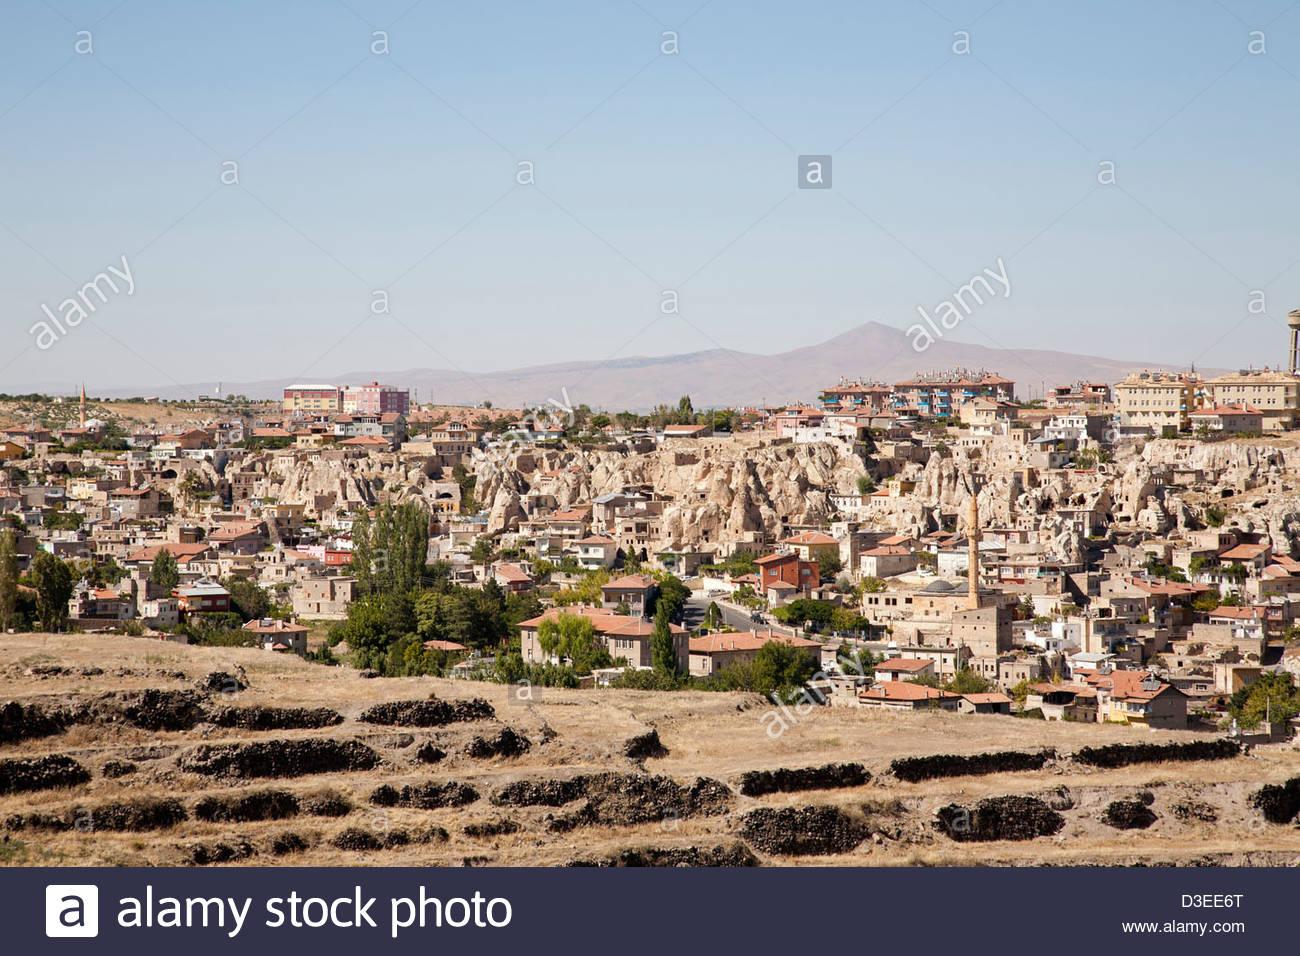 nevsehir,cappadocia,anatolia,turkey,asia - Stock Image